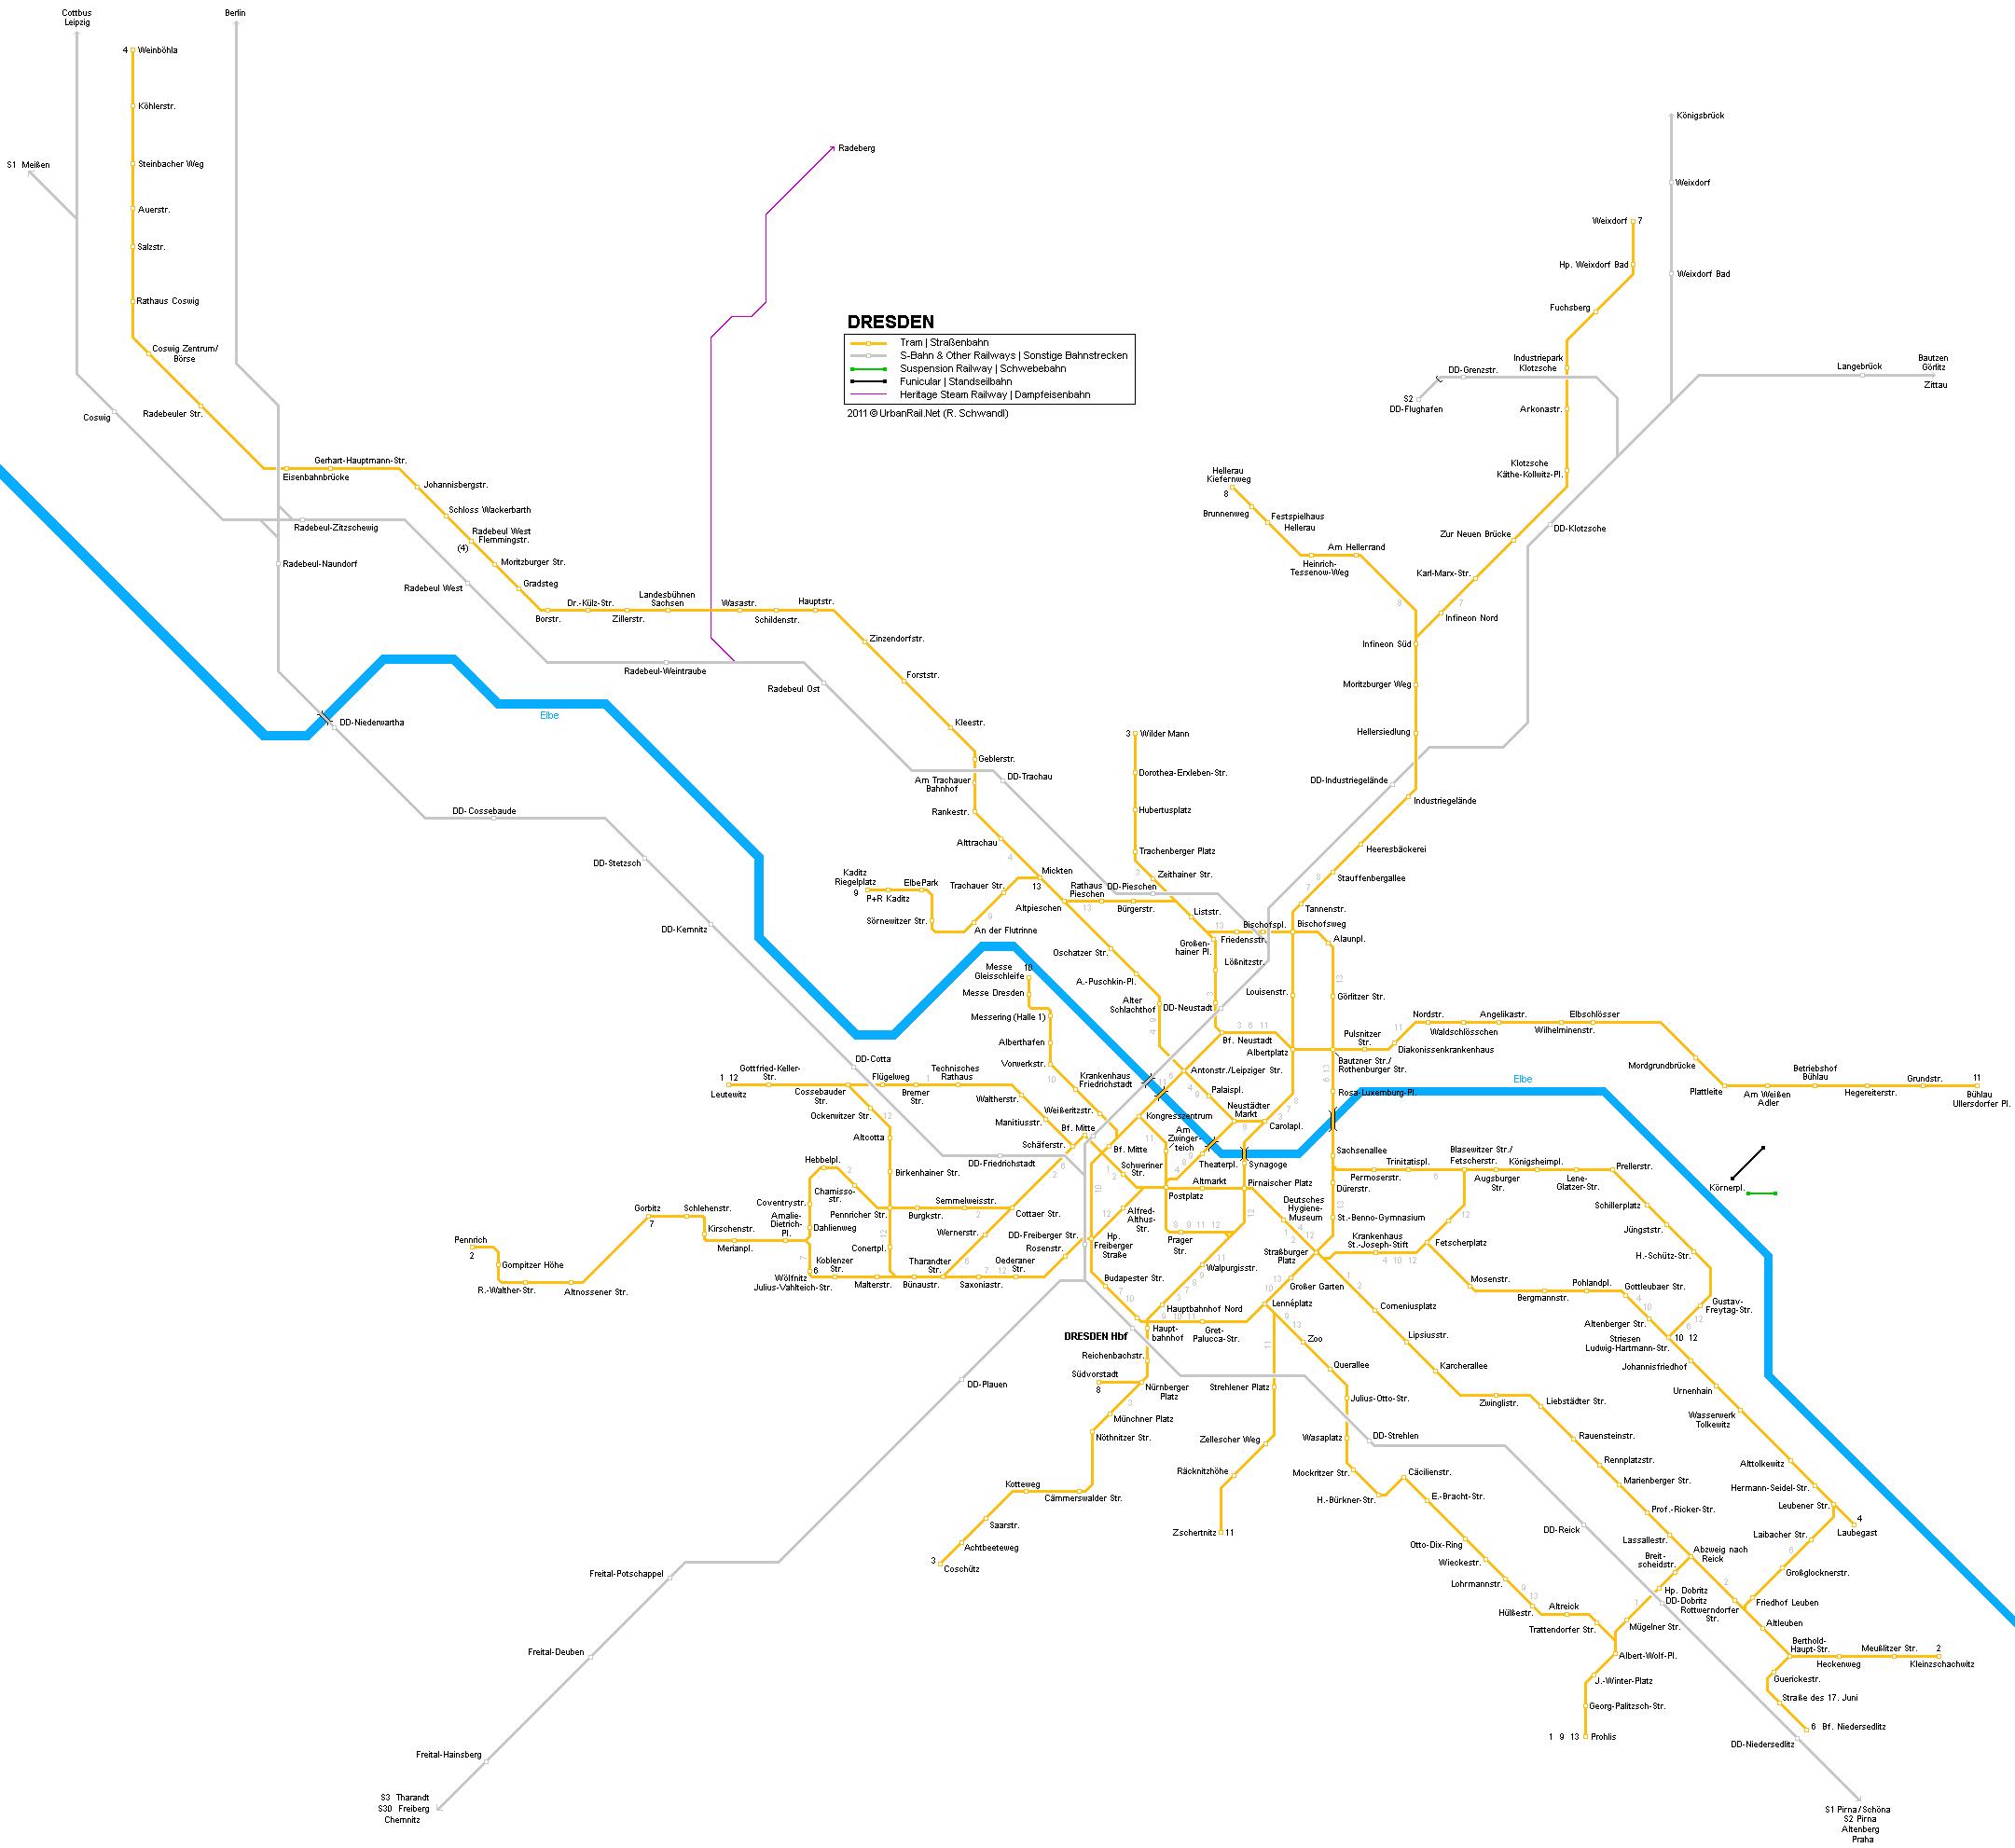 Mapa de tranvías de Dresde